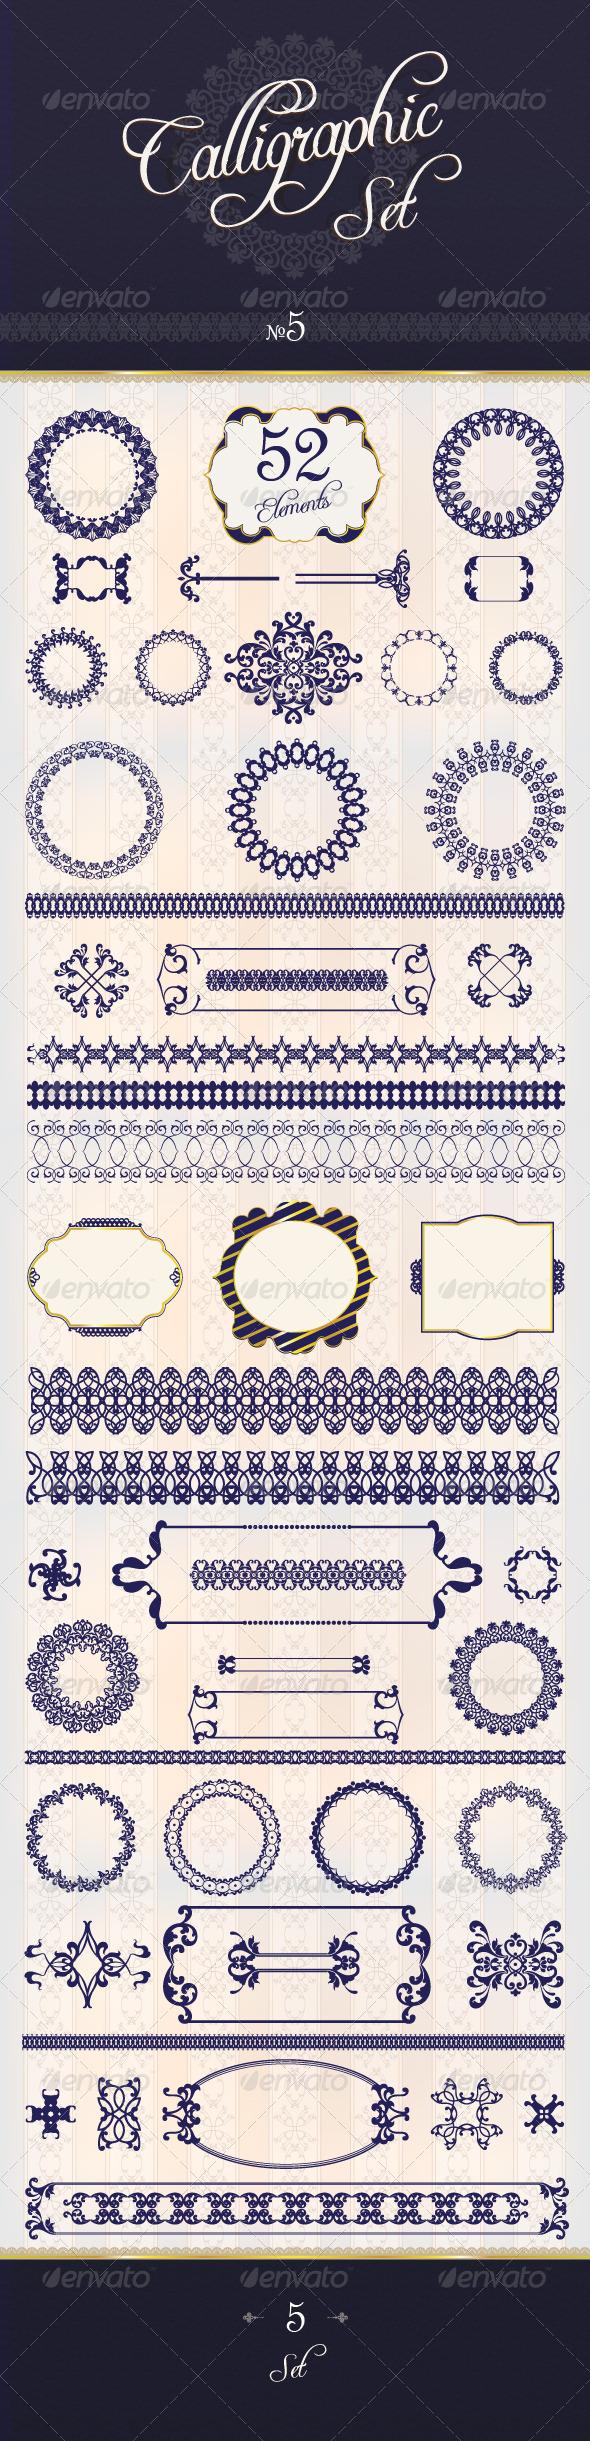 Large Calligraphy Qet 5 - Flourishes / Swirls Decorative